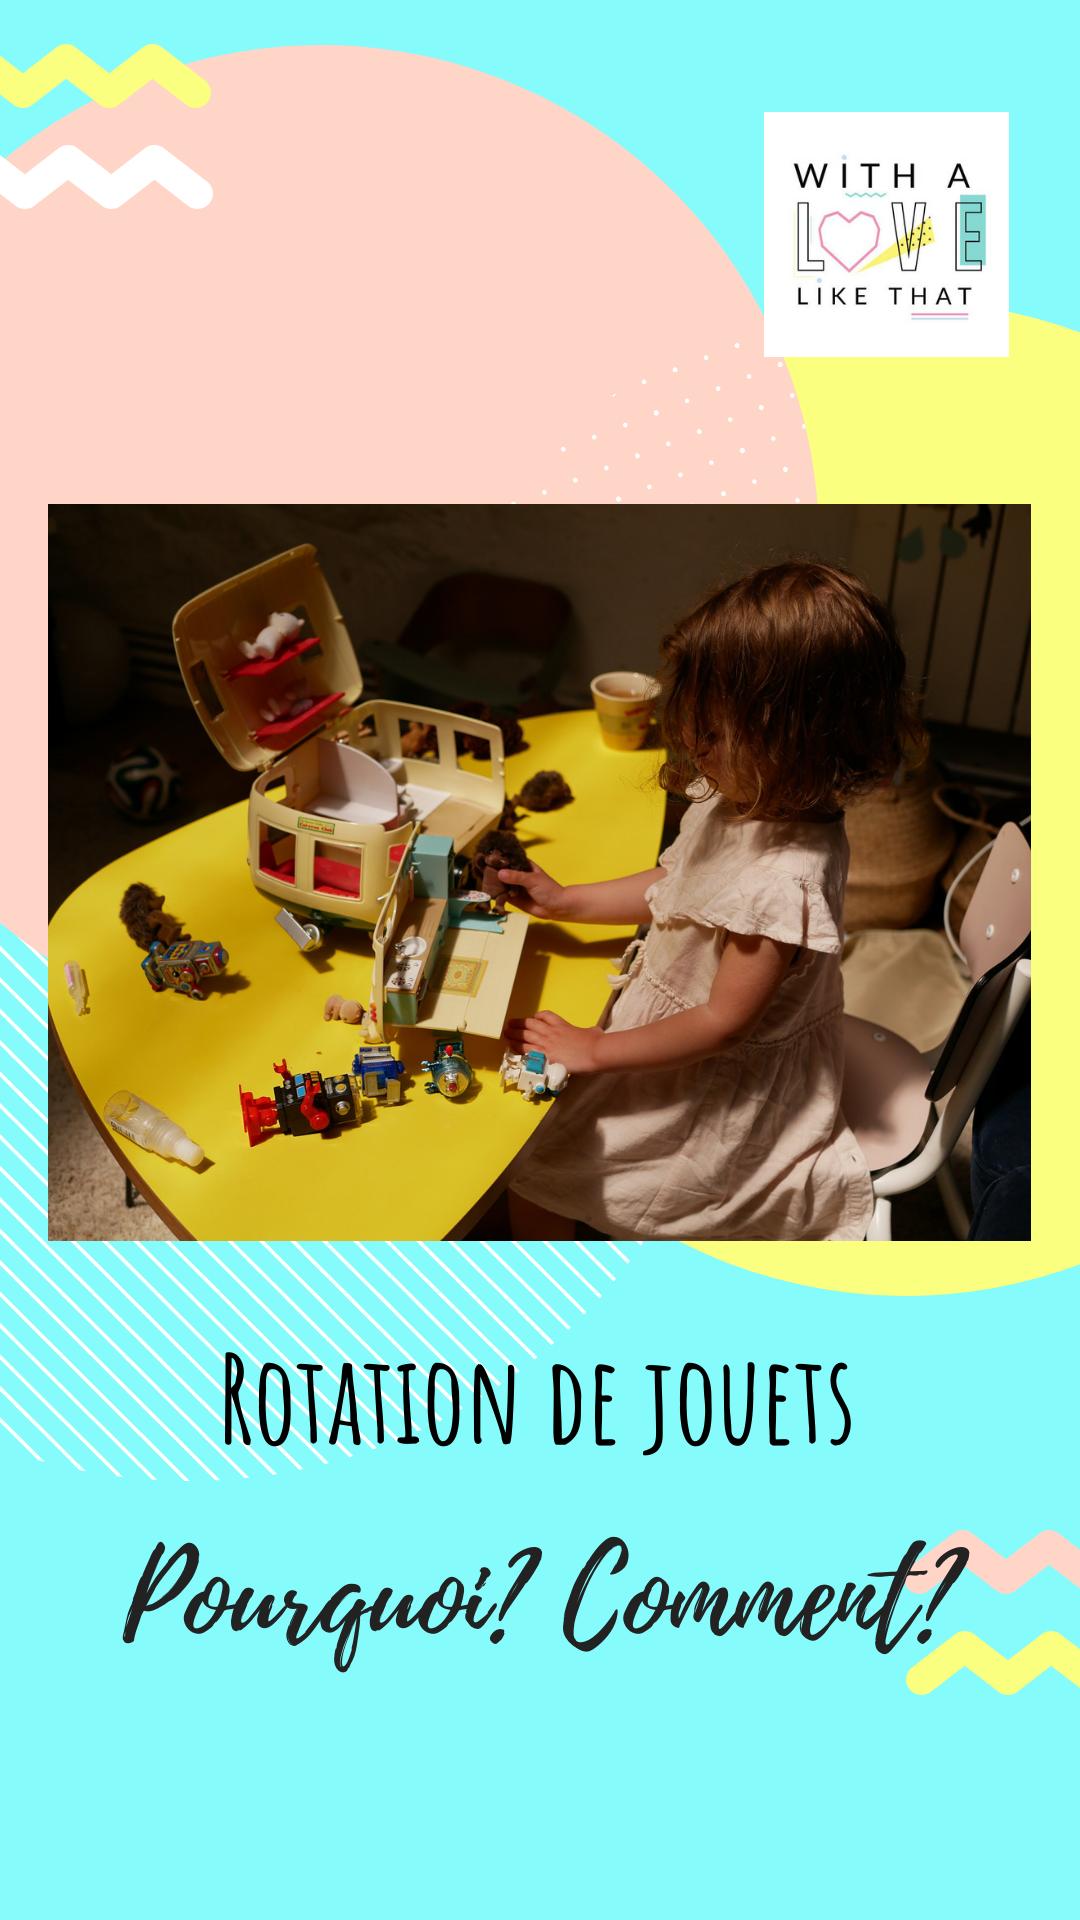 Rotation de jouets, minimalisme enfant . Pourquoi, comment?